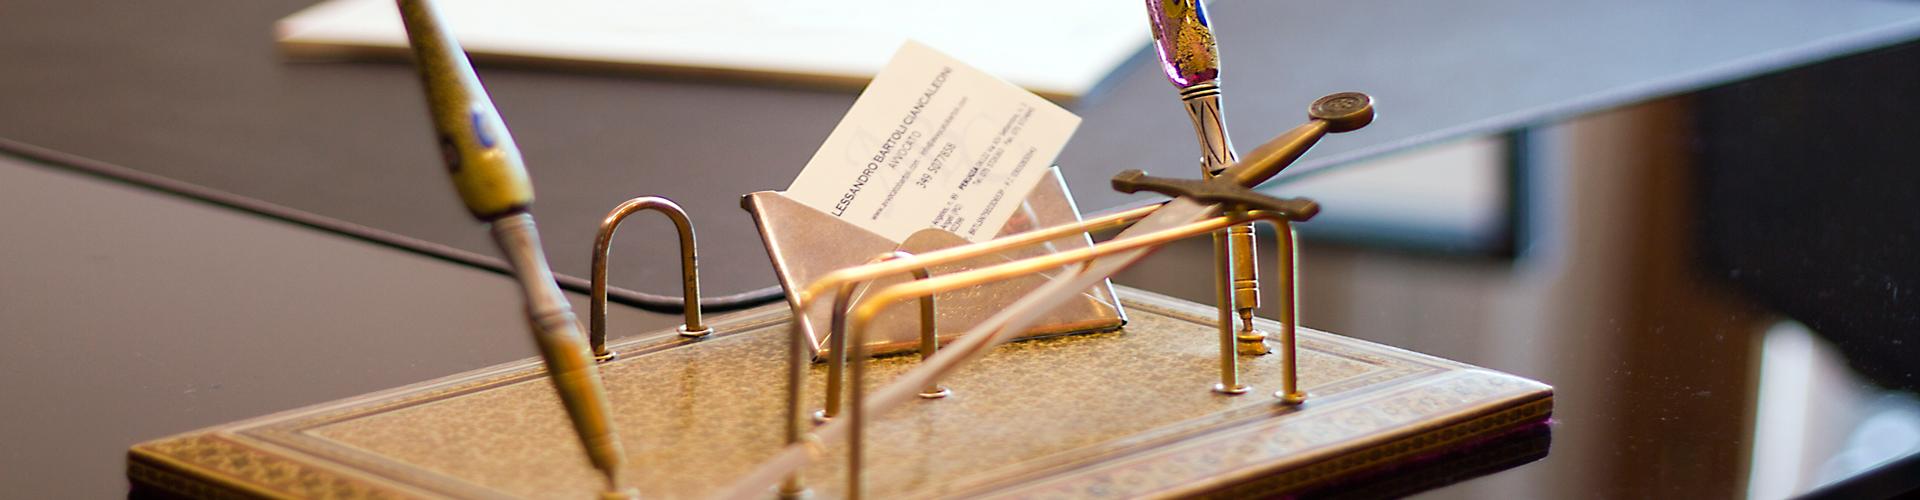 penne e biglietti da visita Bartoli Ciancaleoni